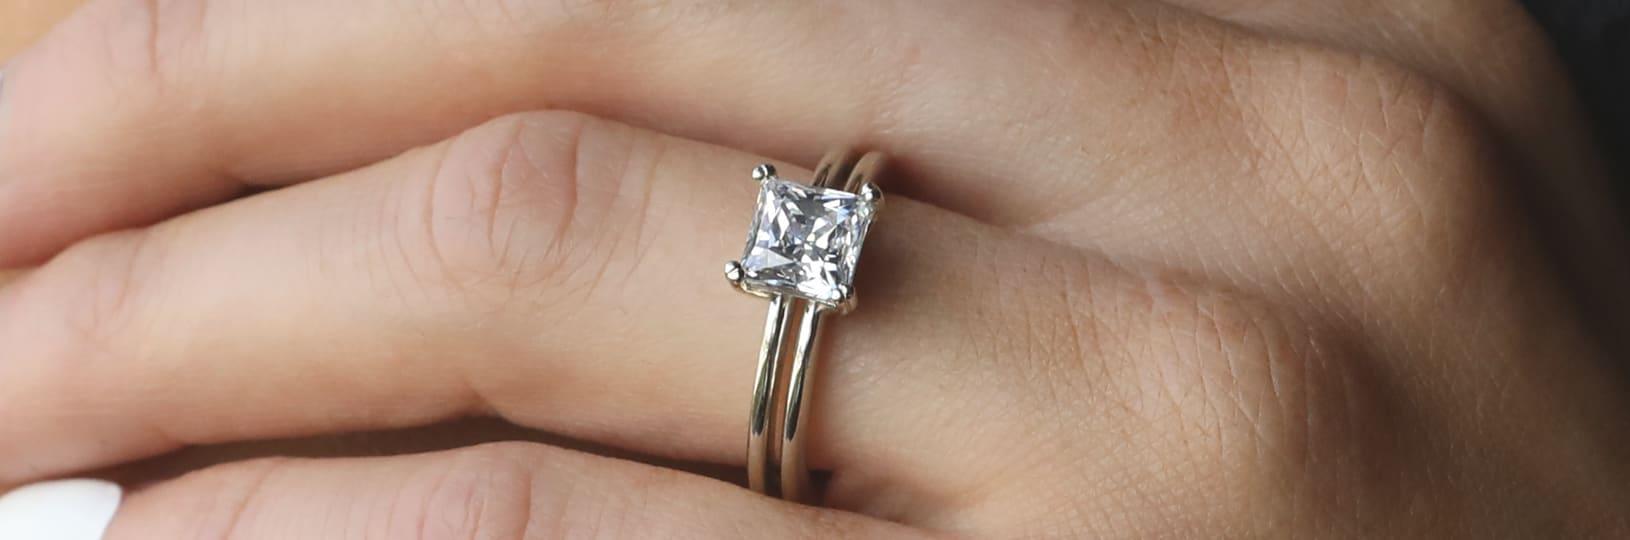 Two bezel set lab created diamond simulant engagement rings.